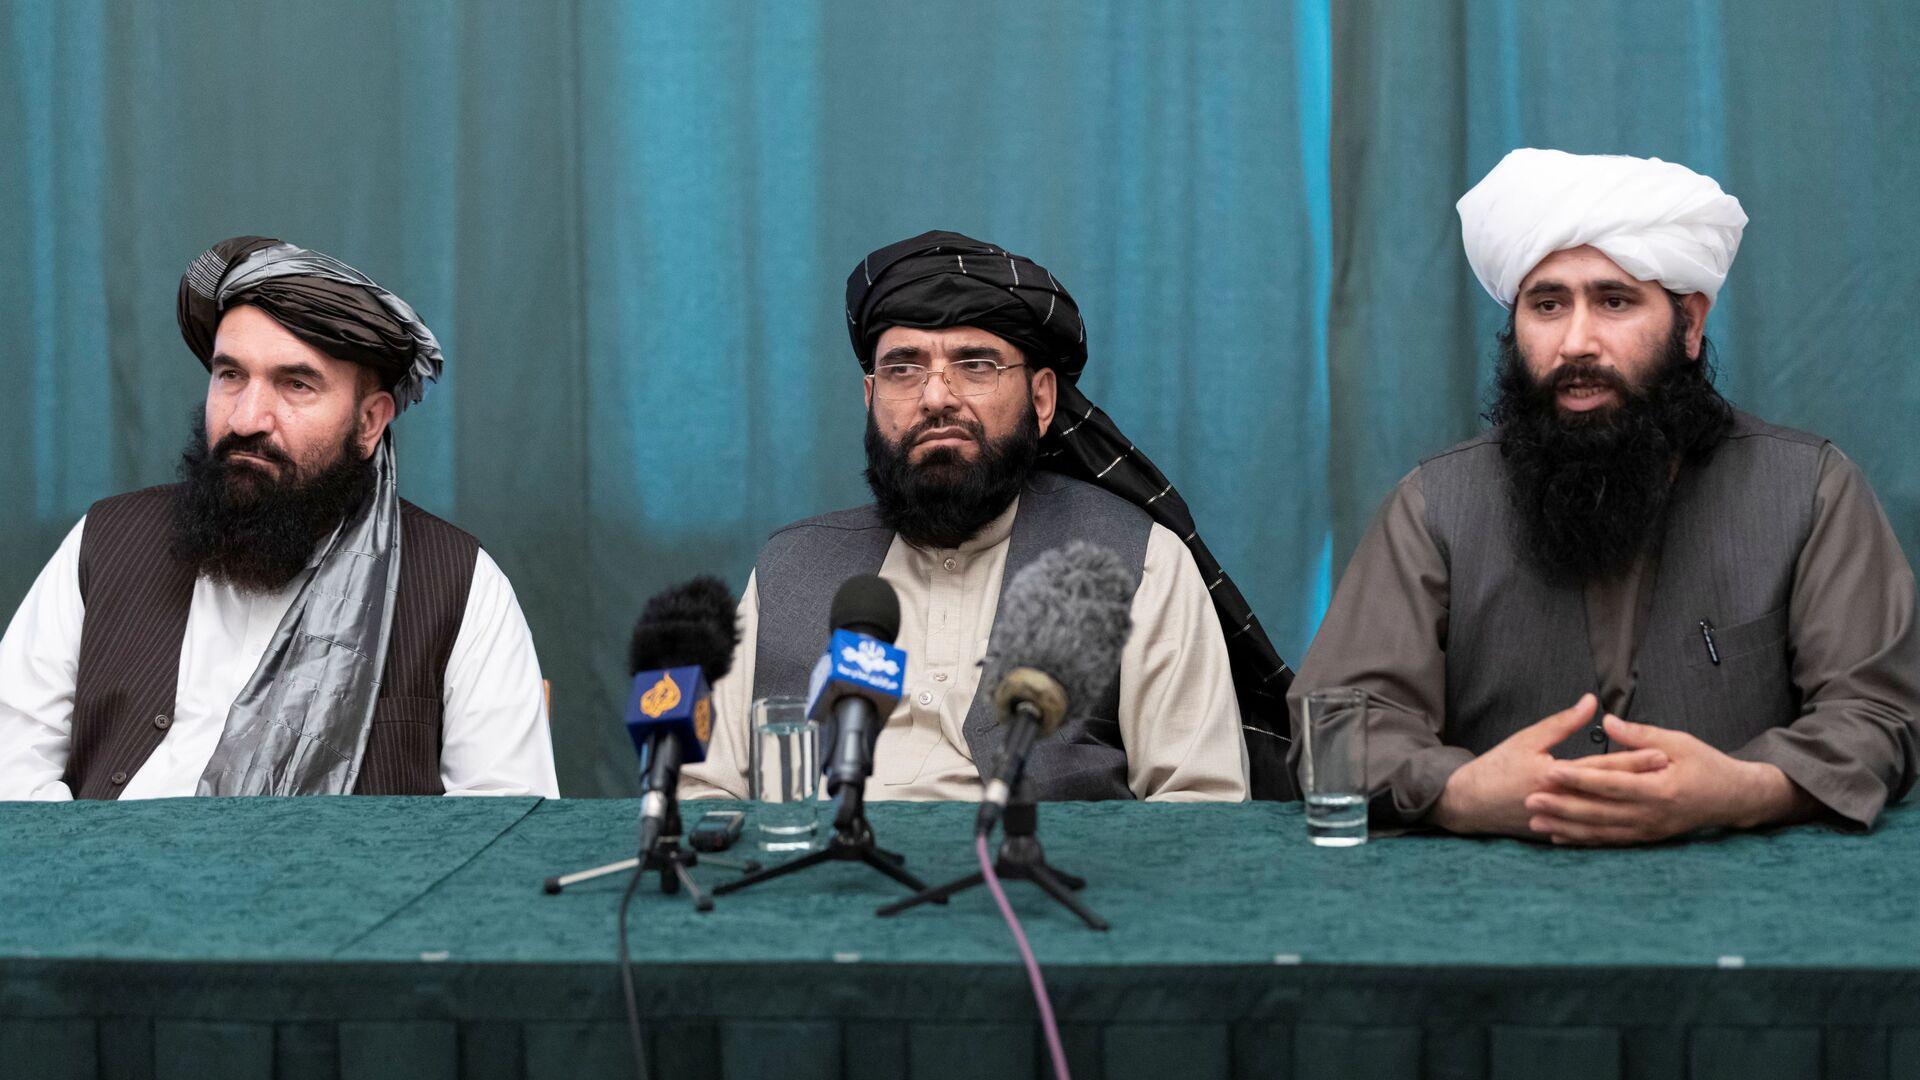 Taliban müzakere heyeti üyeleri Hayrullah Hayırhua (sol), Süheyl Şahin (orta) ve Taliban'ın Katar'ın başkenti Doha'daki Siyasi Ofisi'nin Sözcüsü Muhammed Naim (sağ) - Sputnik Türkiye, 1920, 02.08.2021